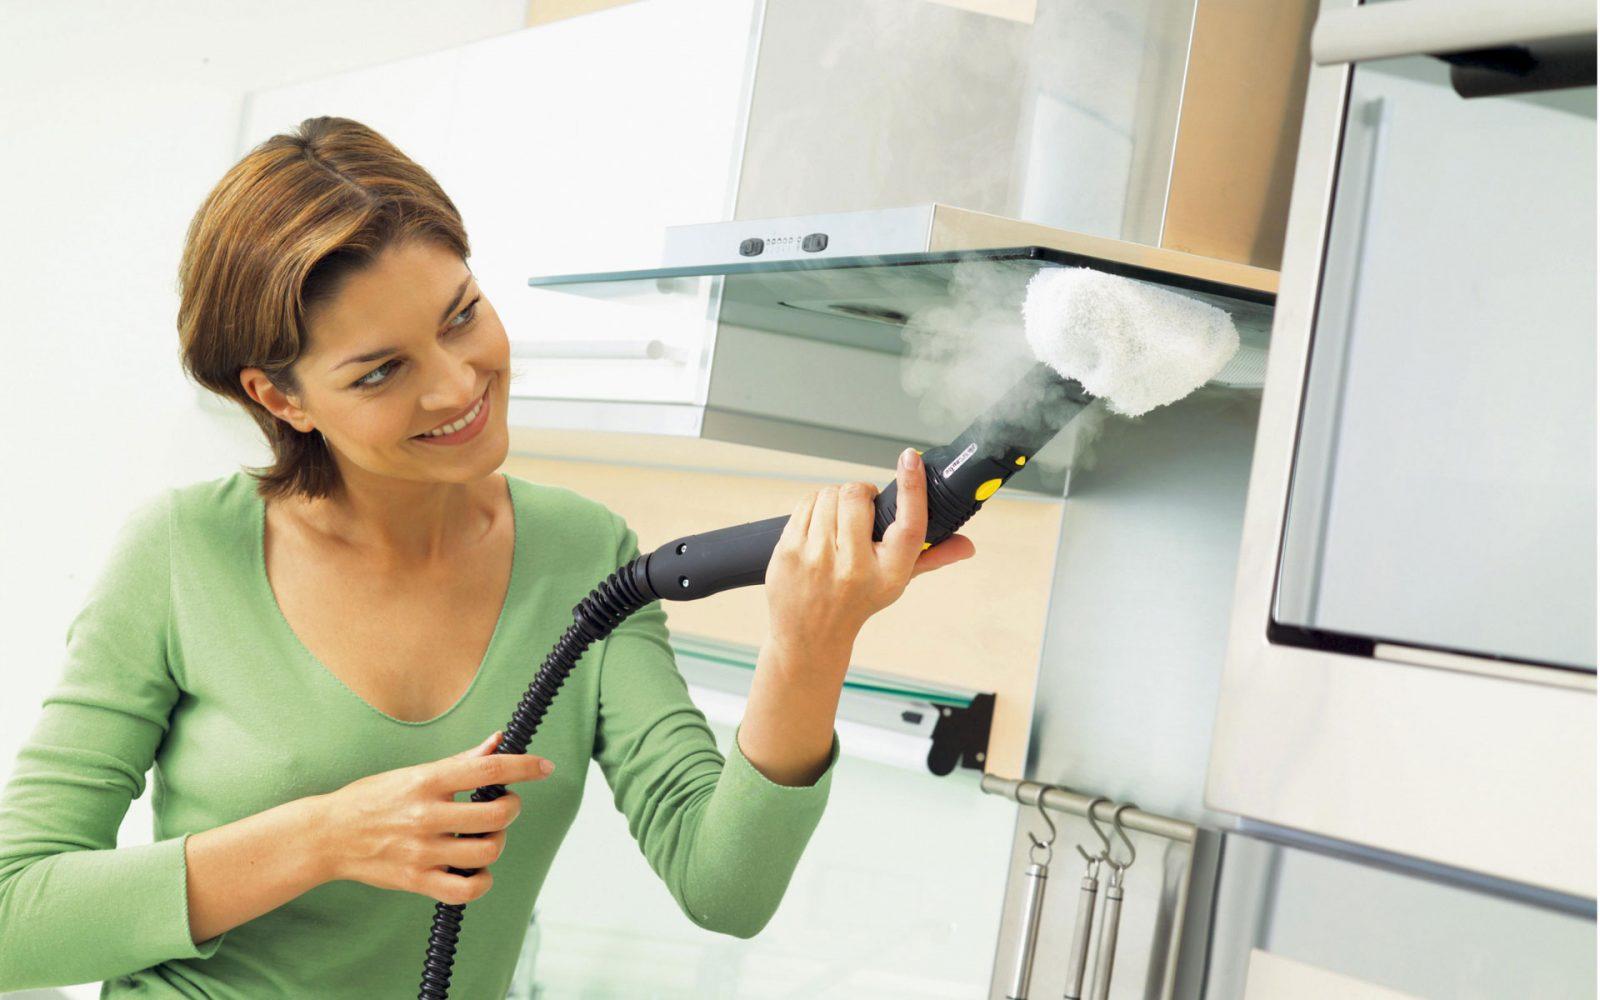 Dampvask – genialt for raskere rengjøring